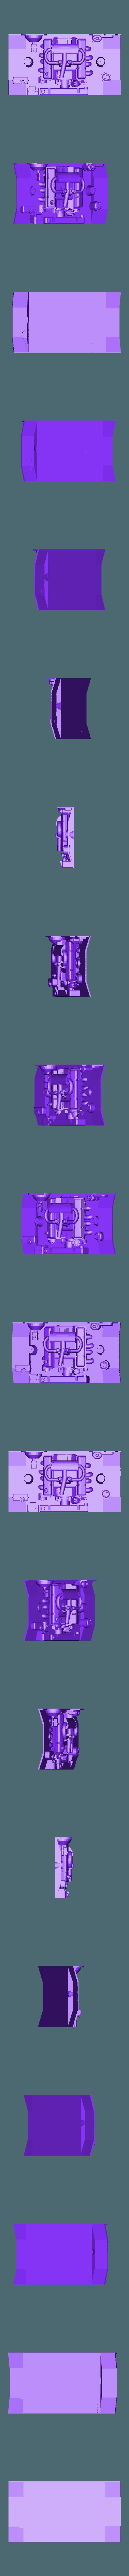 ENGINE BAY RANGE ROVER EN 1 PIECE.stl Download STL file Engine Bay RANGE ROVER classic 1/10 • 3D printer object, RCGANG93